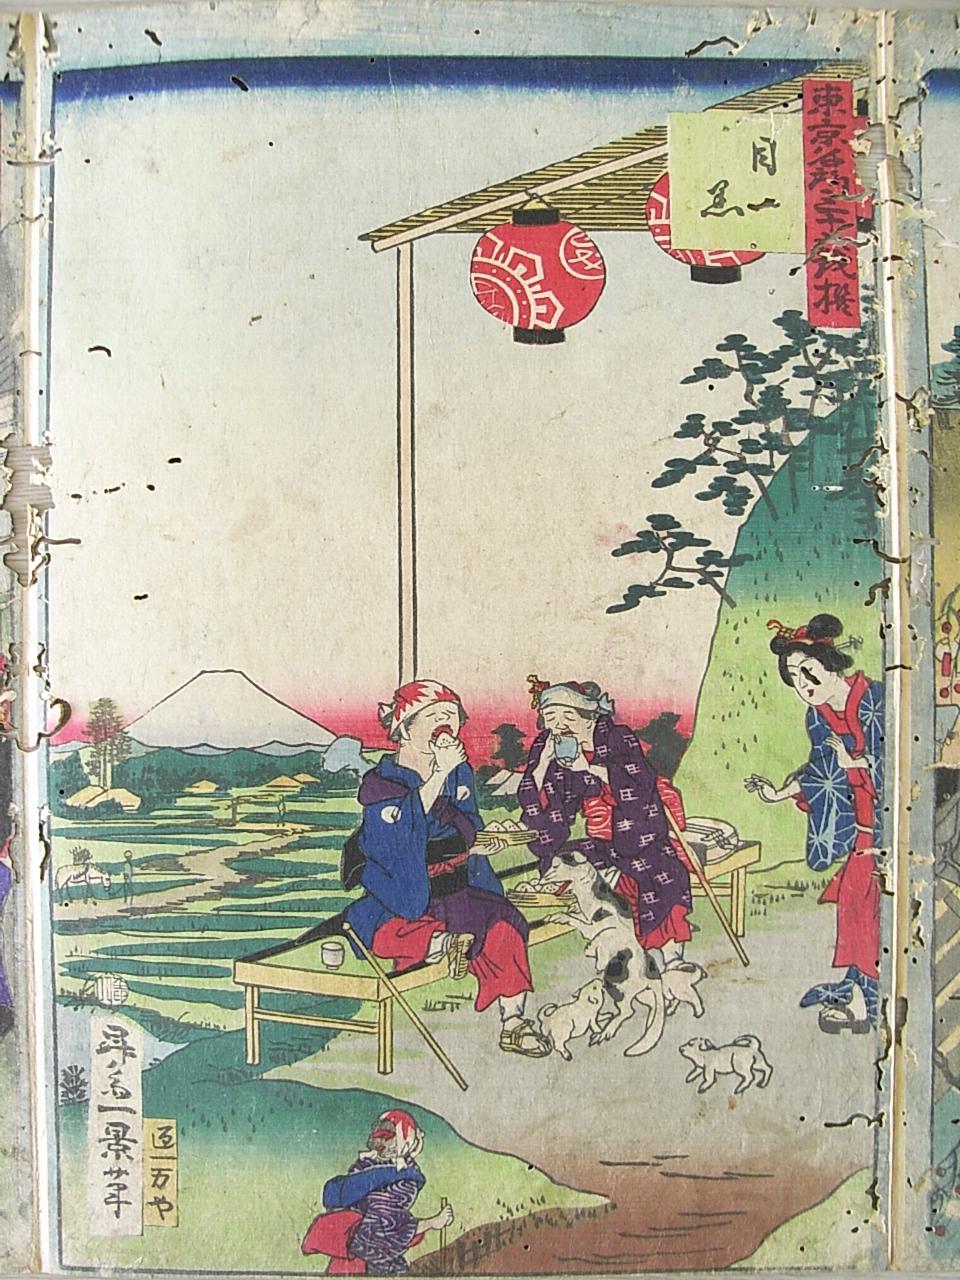 東錦絵(東京名所三十六戯撰,新聞錦絵)